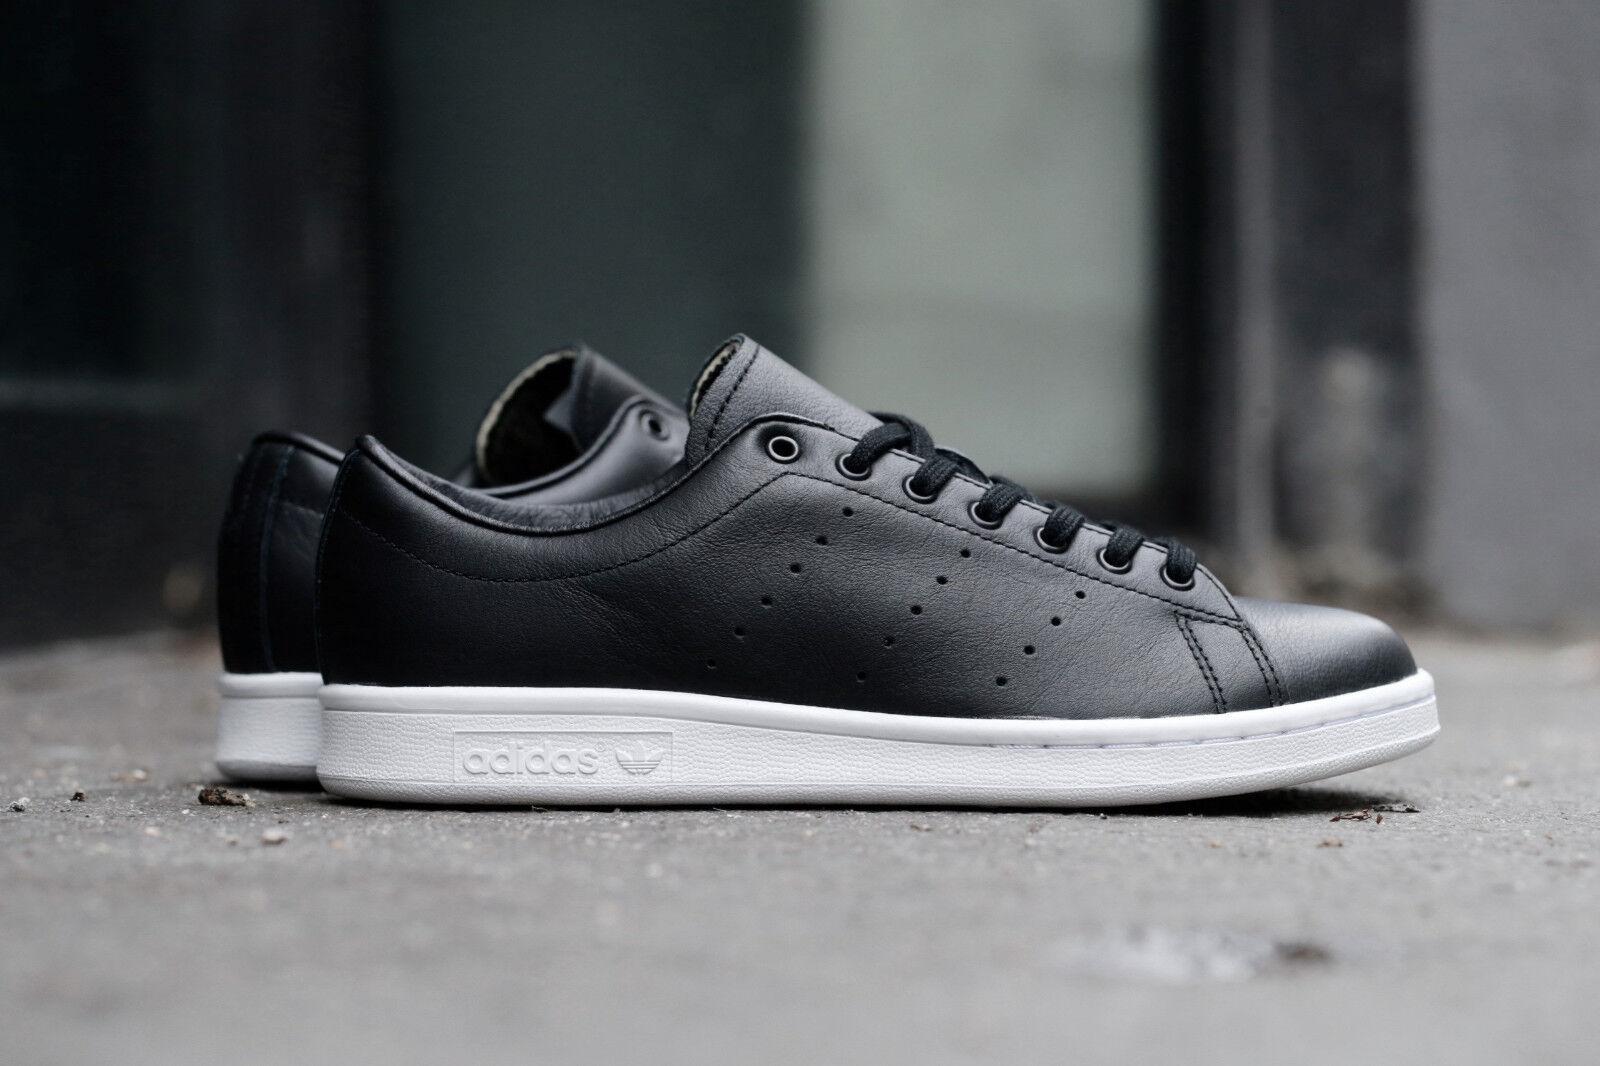 Adidas Originals Tokyo Stan Smith hyke Haillet Zapatillas para mujer 4 tamaño de Reino Unido 4 mujer - 4.5 2c1750